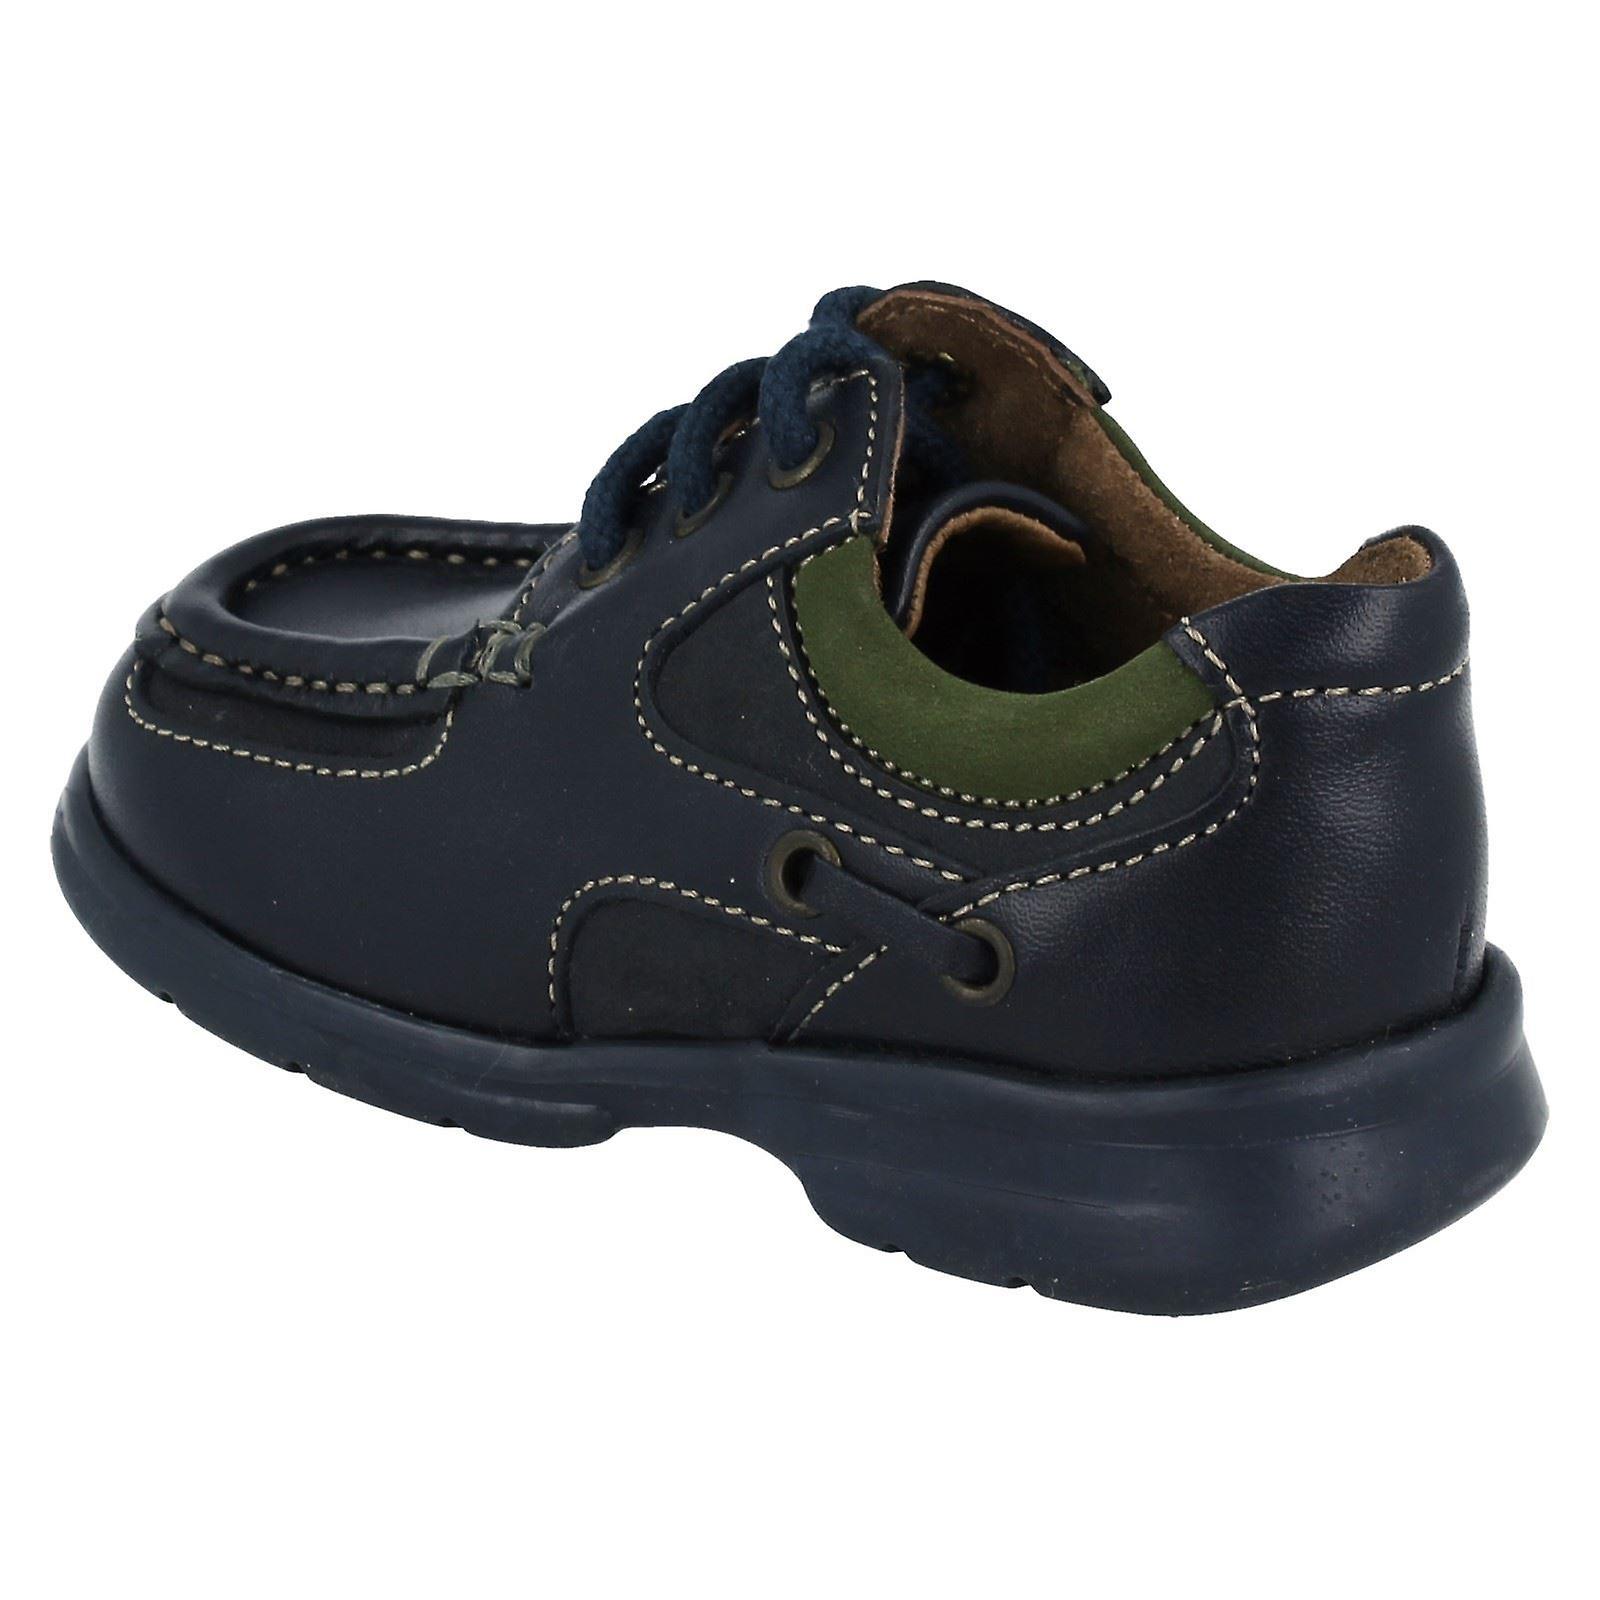 Garçons commencent Rite premier chaussures Bam Bam YK6IFQ